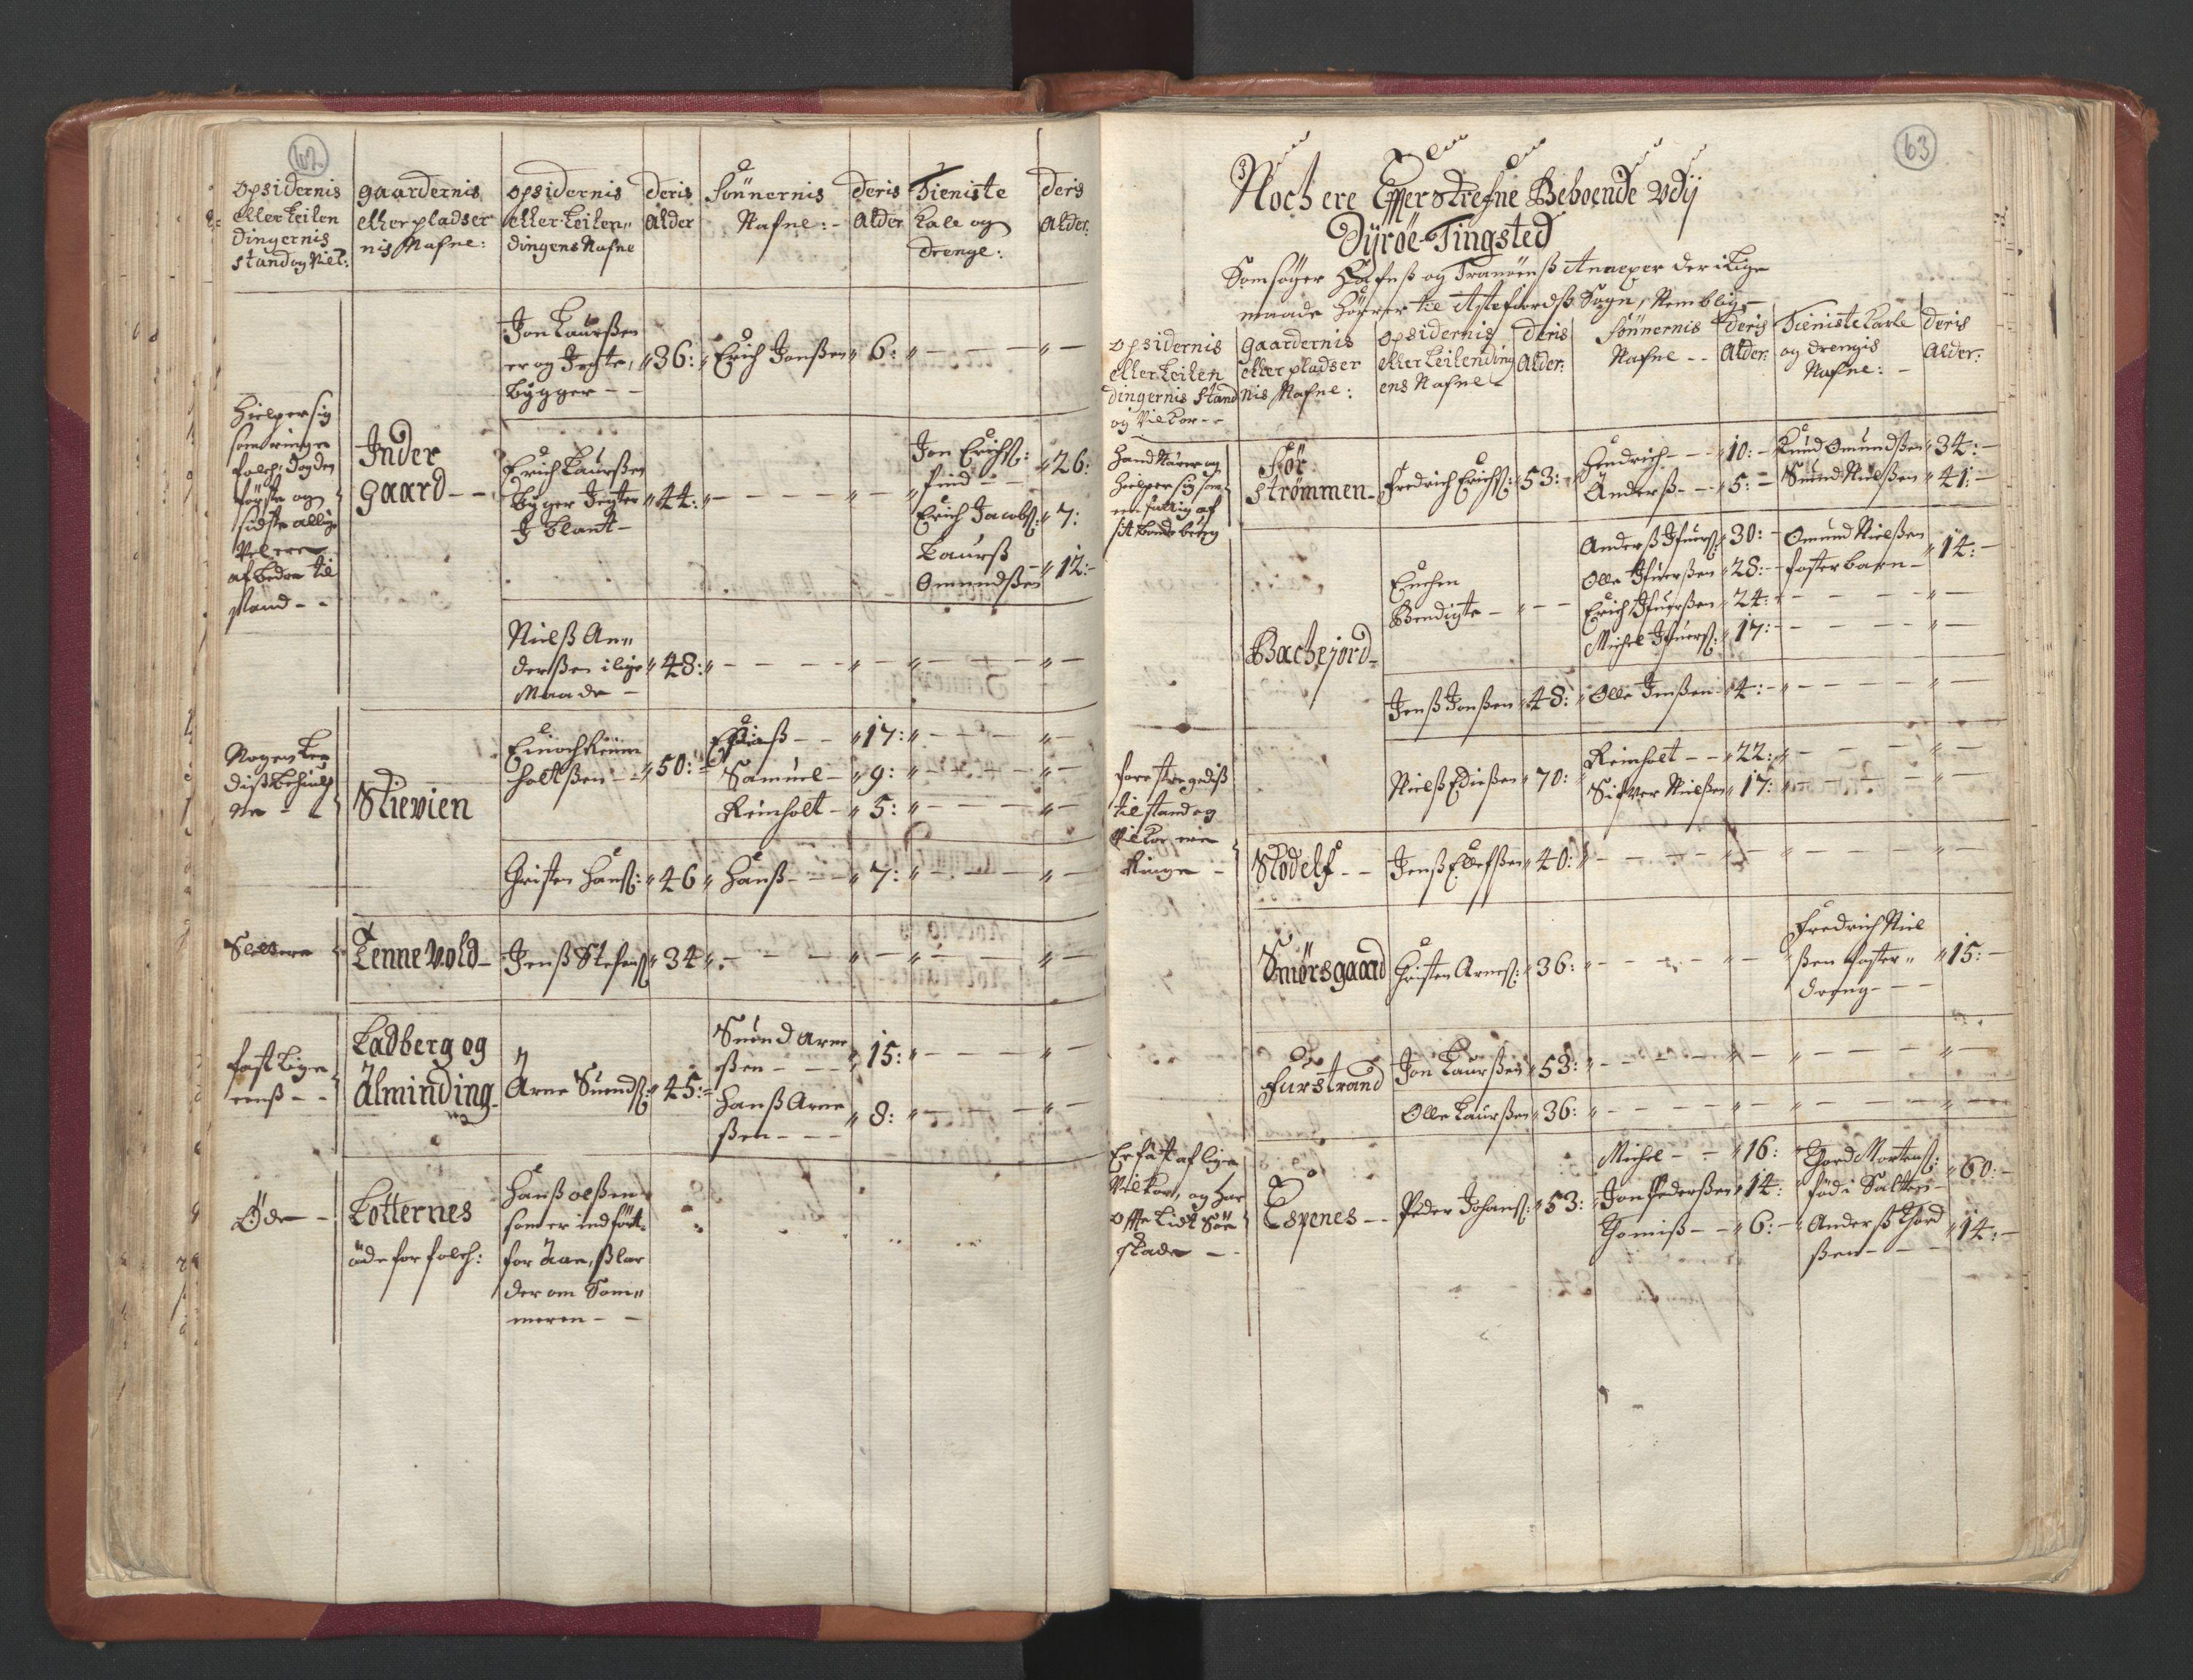 RA, Manntallet 1701, nr. 19: Senja og Tromsø fogderi, 1701, s. 62-63